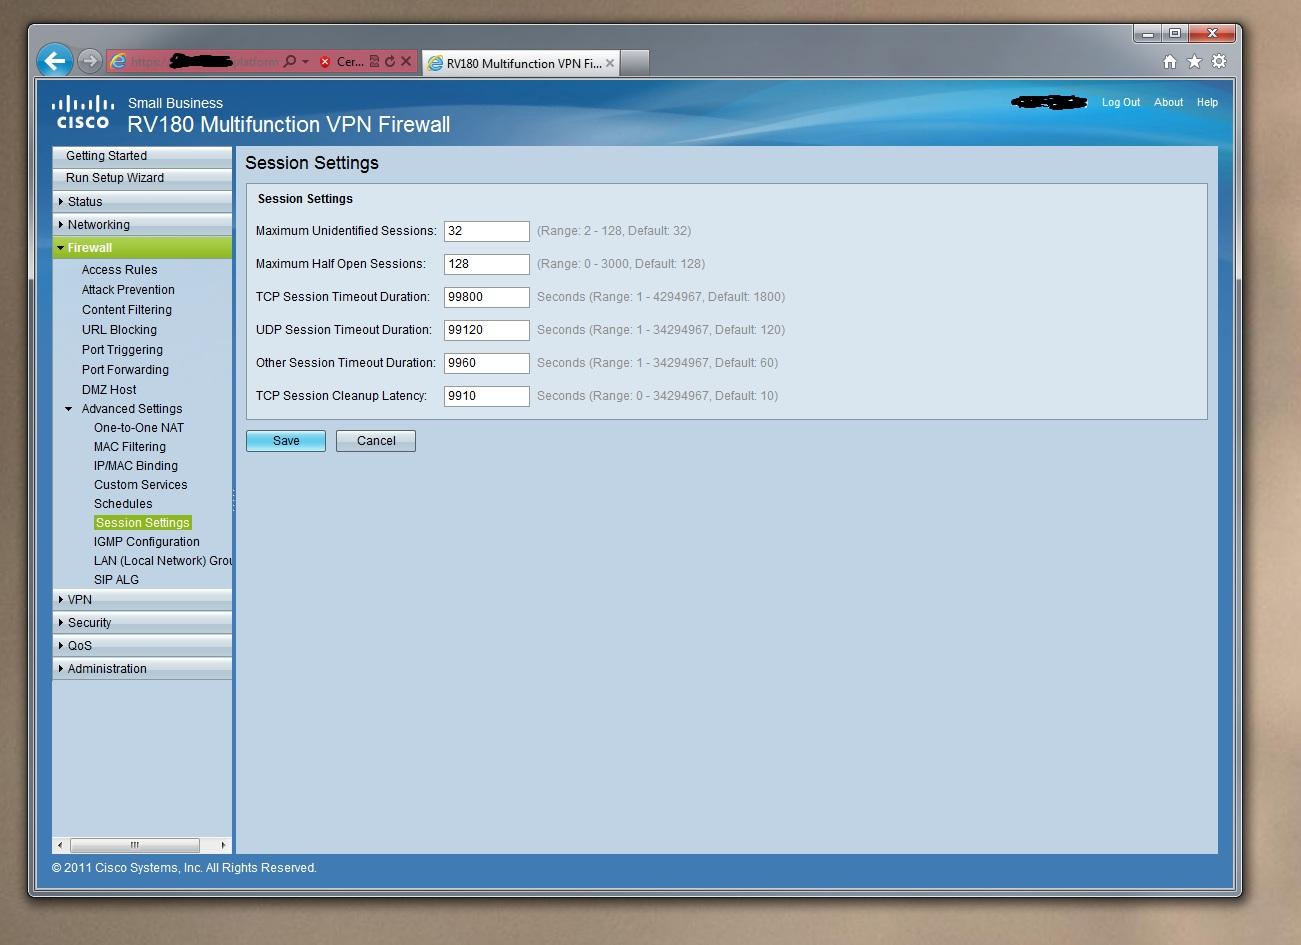 Download cyberoam ssl vpn client configuration